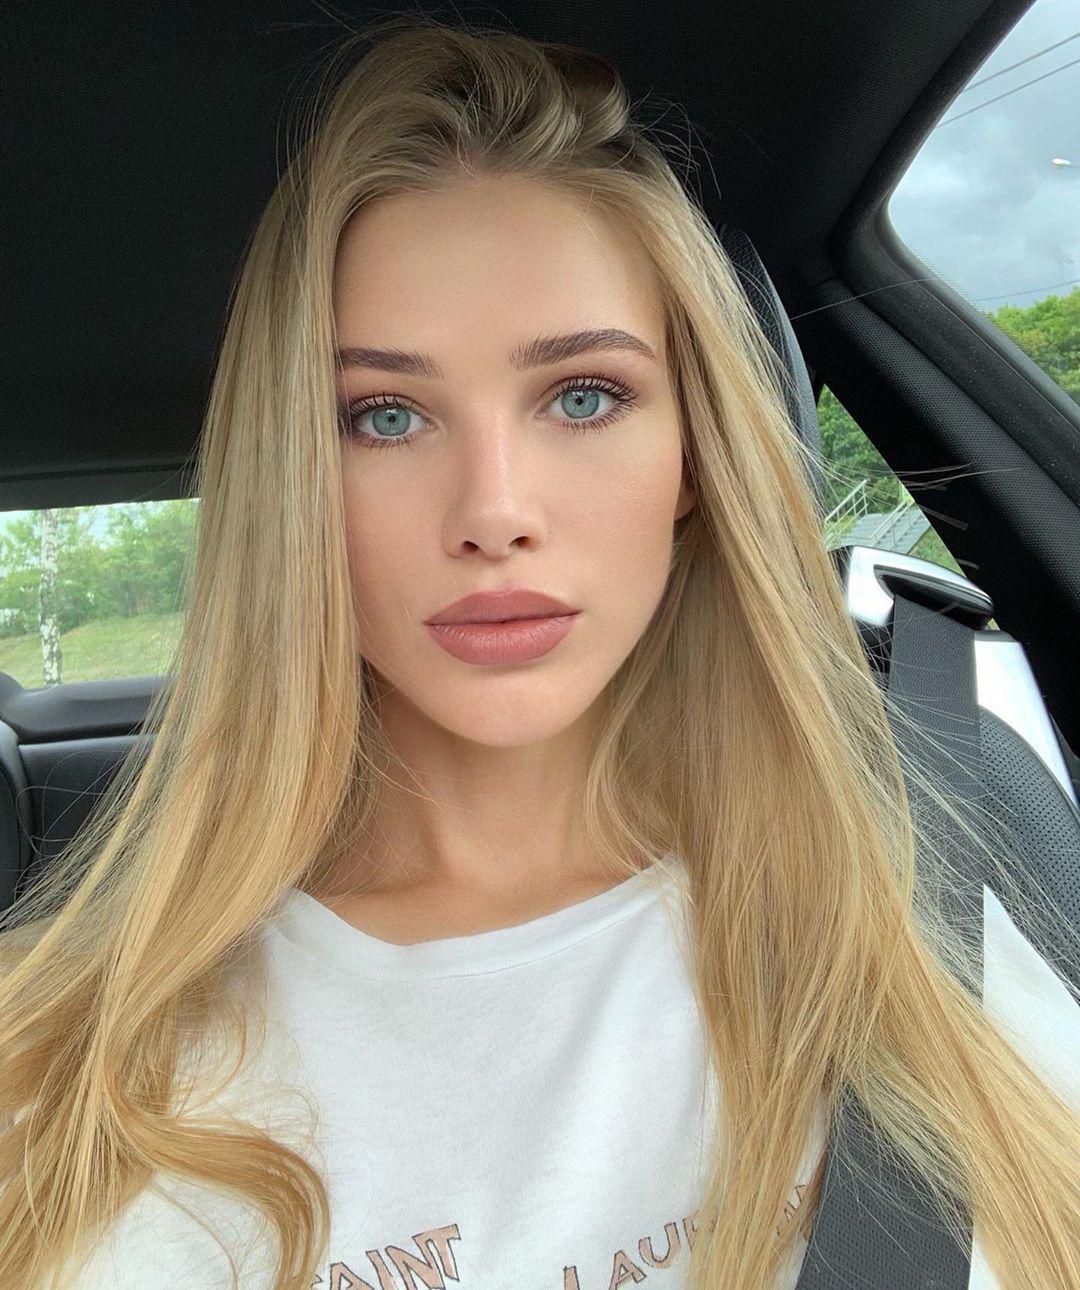 Alena Kryukova On Instagram Prezhde Chem Podumat Ploho Podumaj Horosho